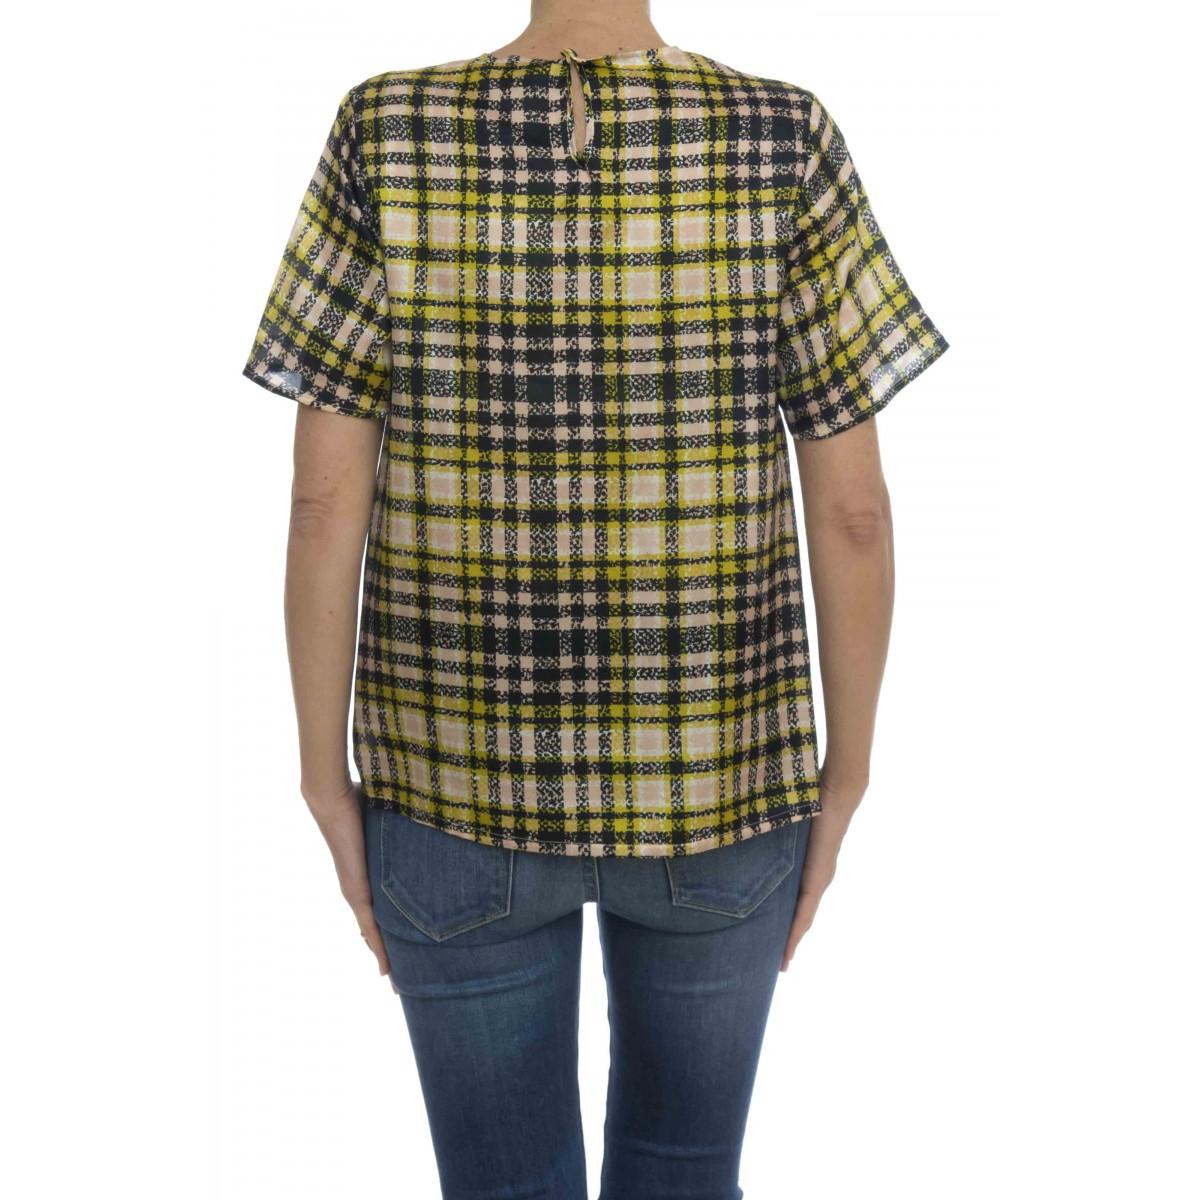 Camicia donna - Kaula l6546 camicia check